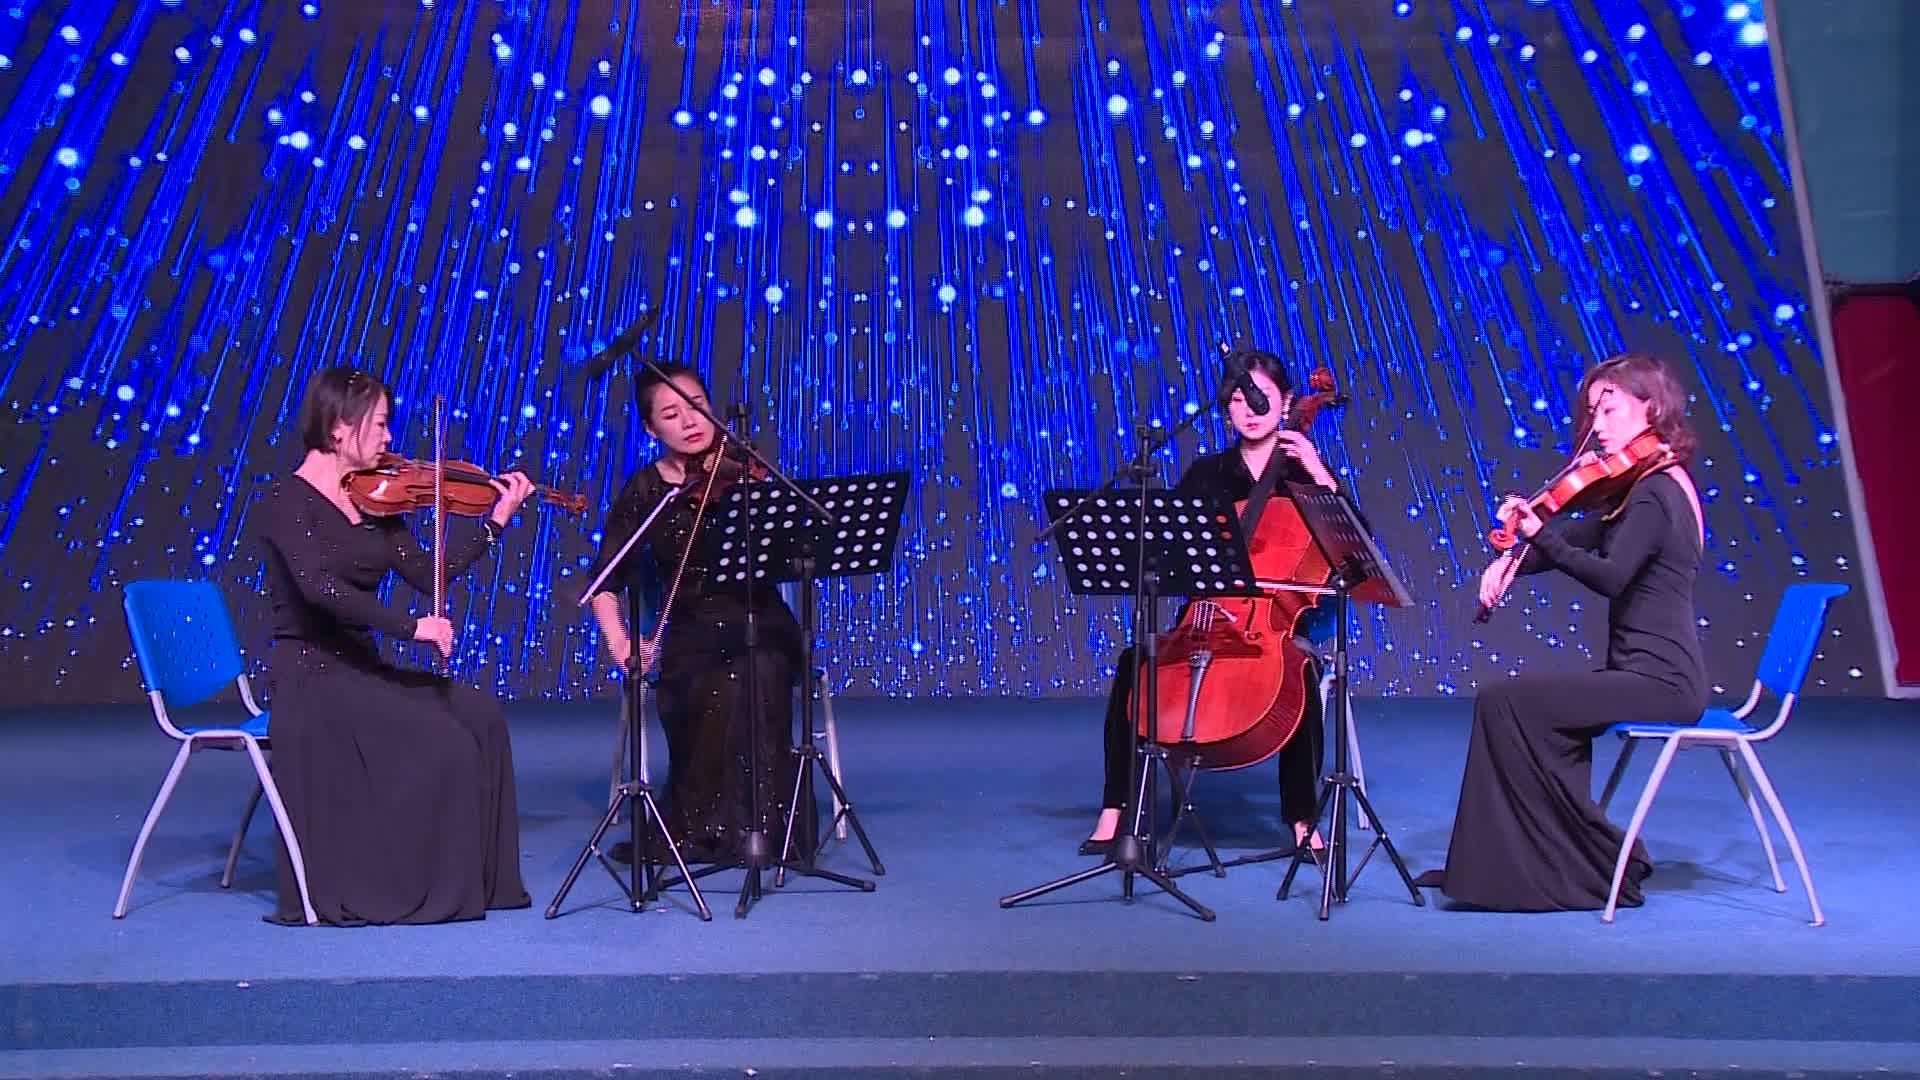 2019湖南新年音乐周将于1月7日至1月14日举行